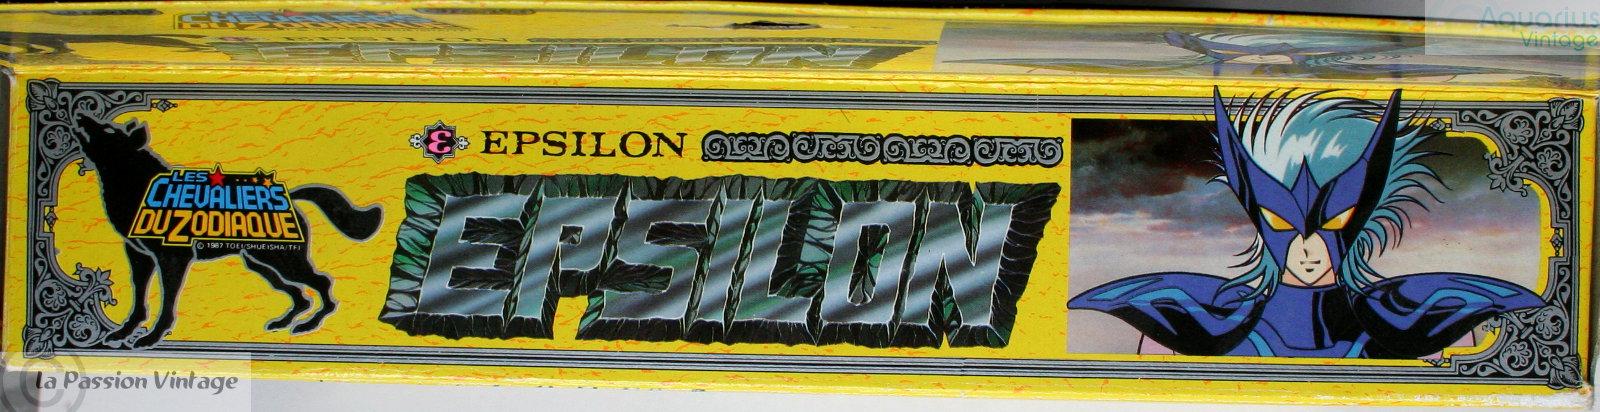 Epsilon Epsilo77